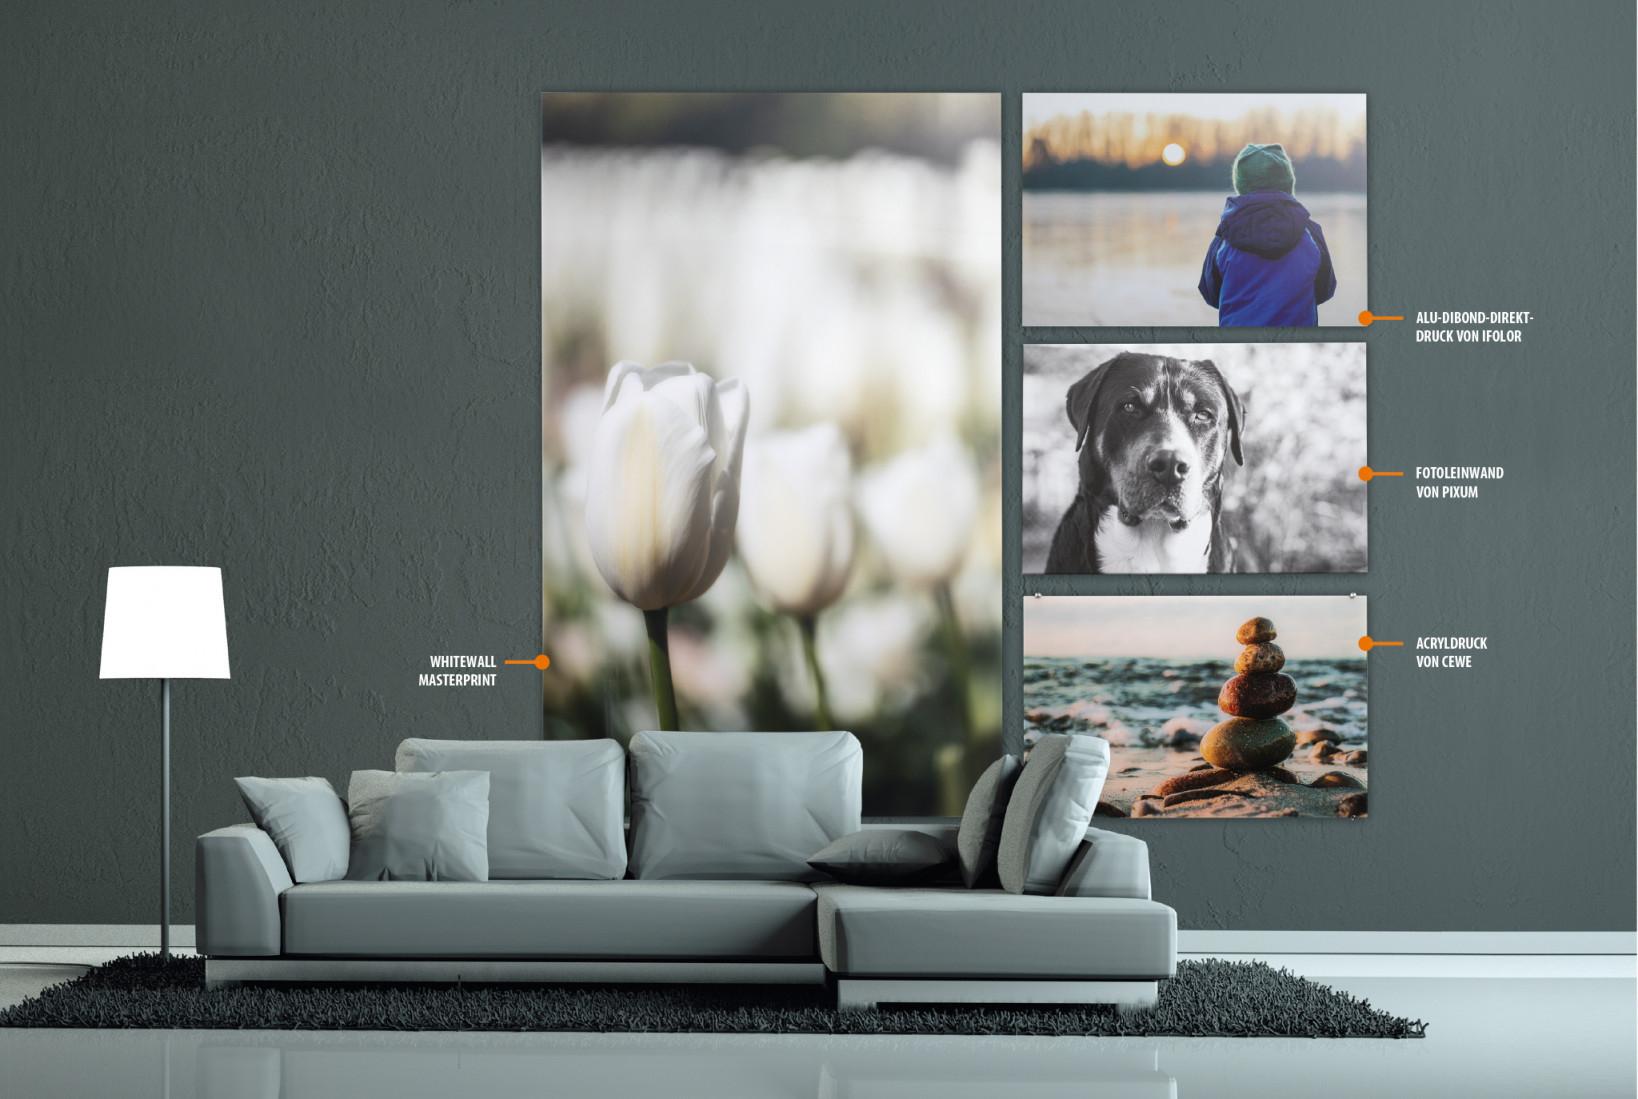 Großformatige Wandbilder Für Zuhause  C't Digitale von Bilder Großformat Wohnzimmer Bild